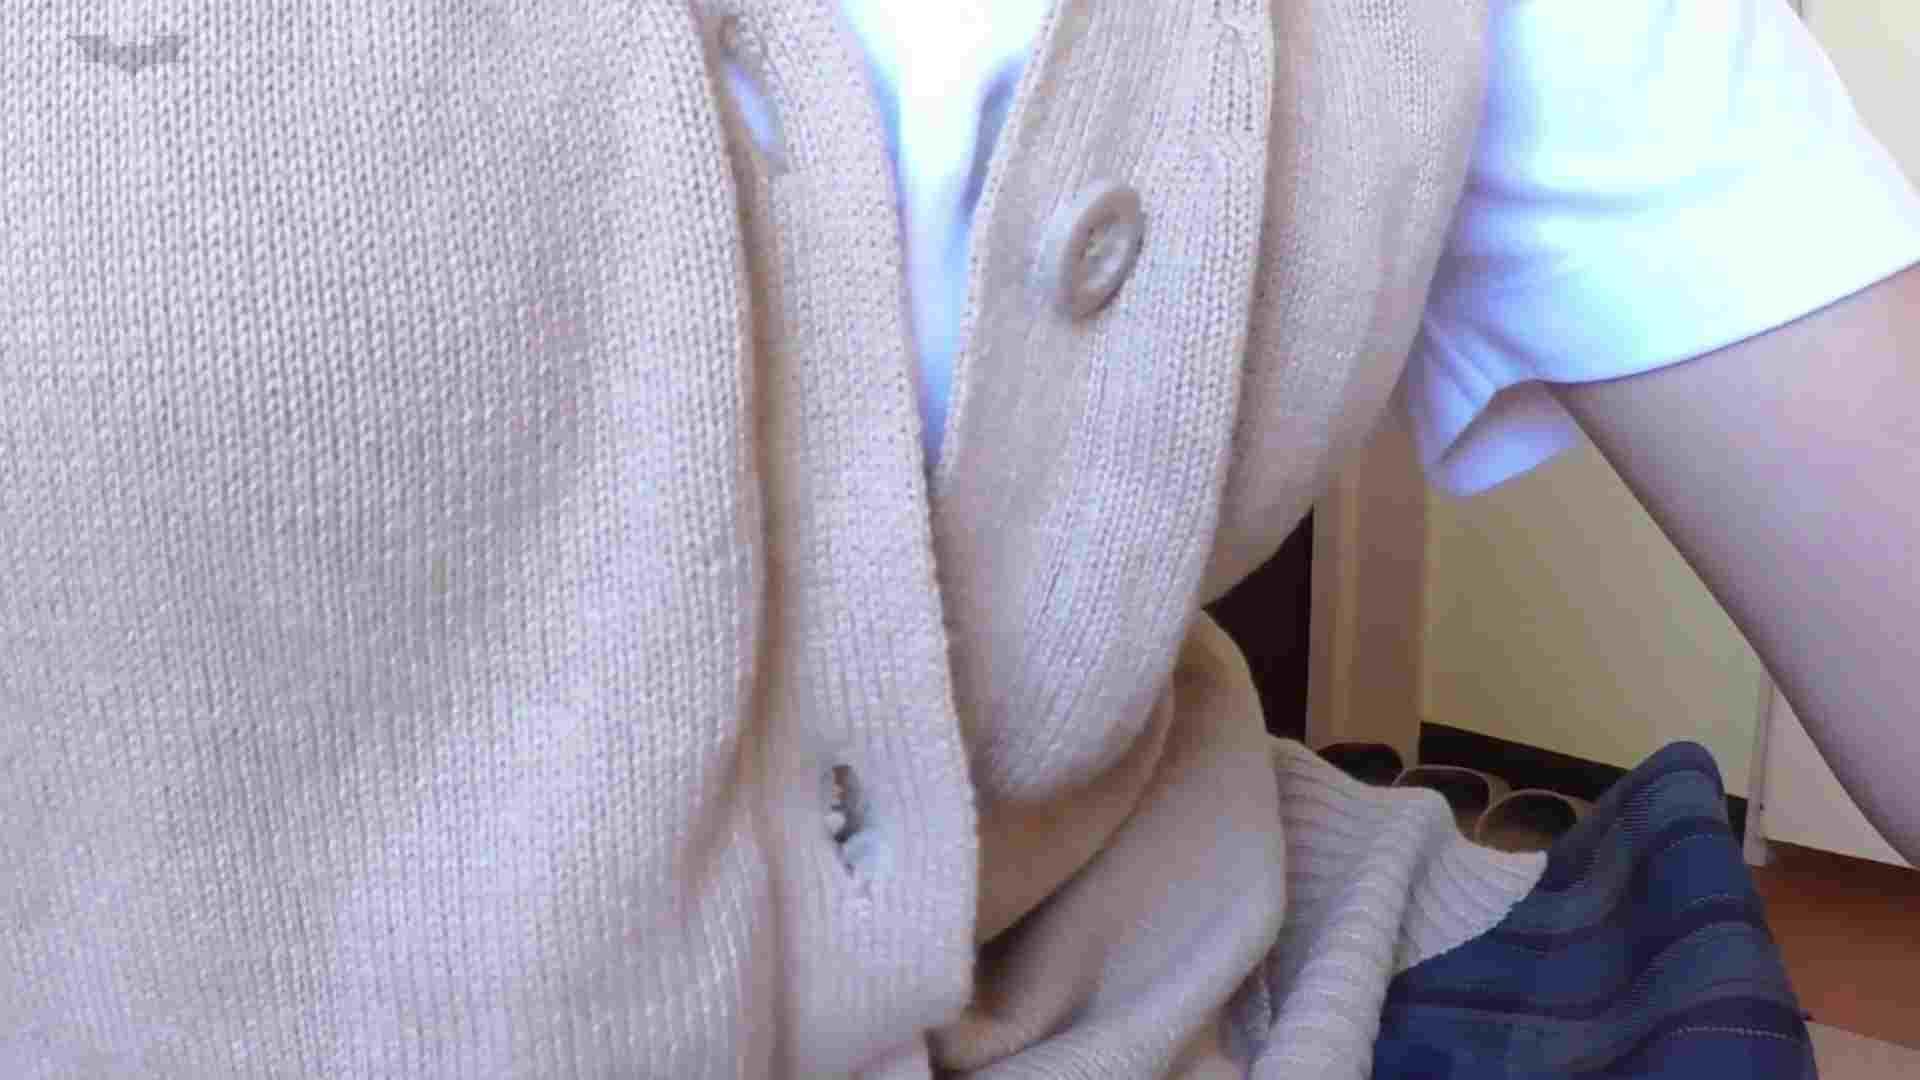 パンツを売る女 Vol.13 ノリノリのJD、そのノリでパクッ!どぴゅっと!! ギャル達 ワレメ無修正動画無料 87枚 15